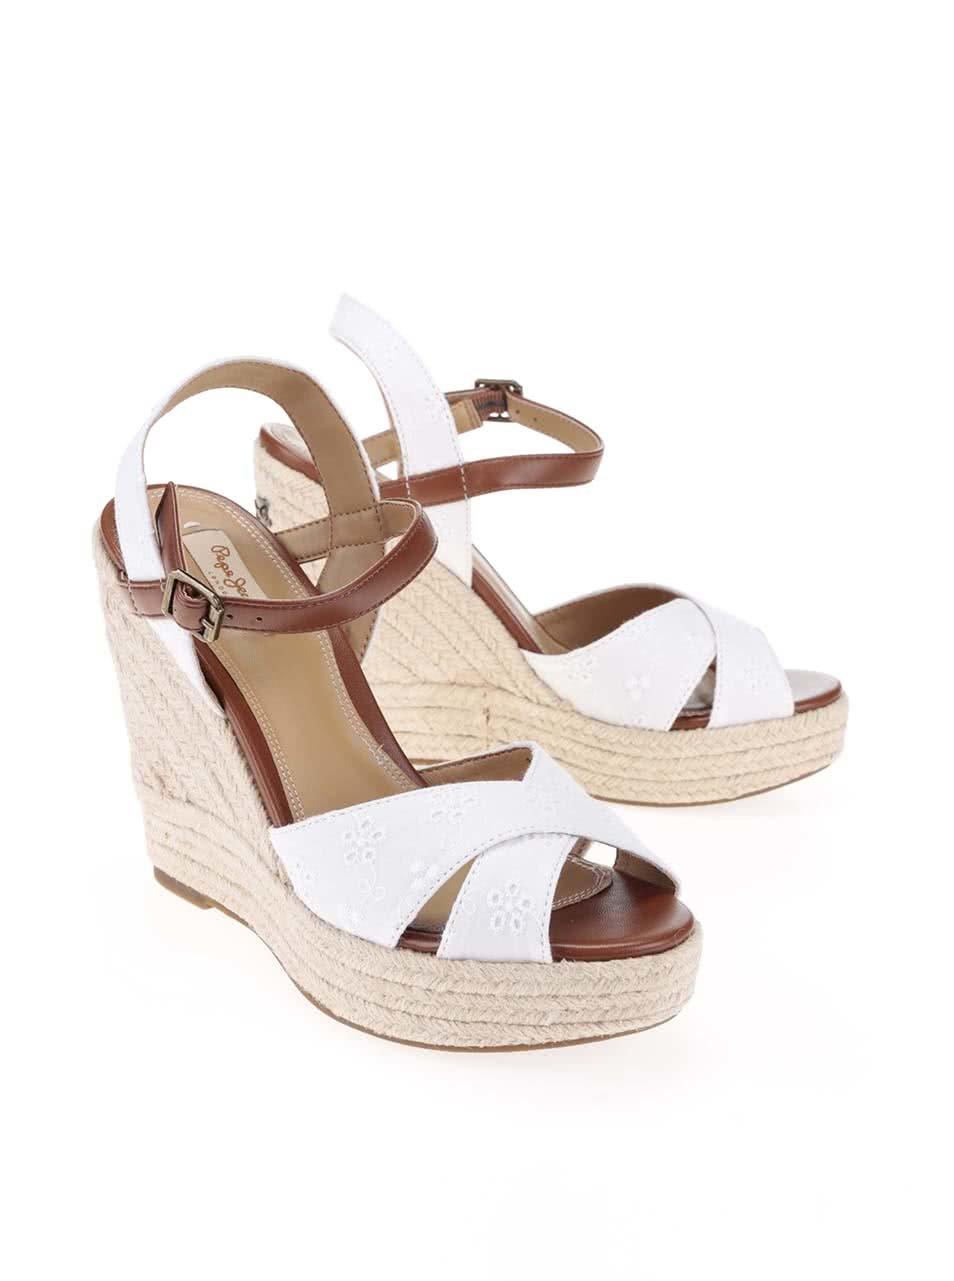 8eff2b3b3191 Biele dámske sandále na platforme Pepe Jeans ...